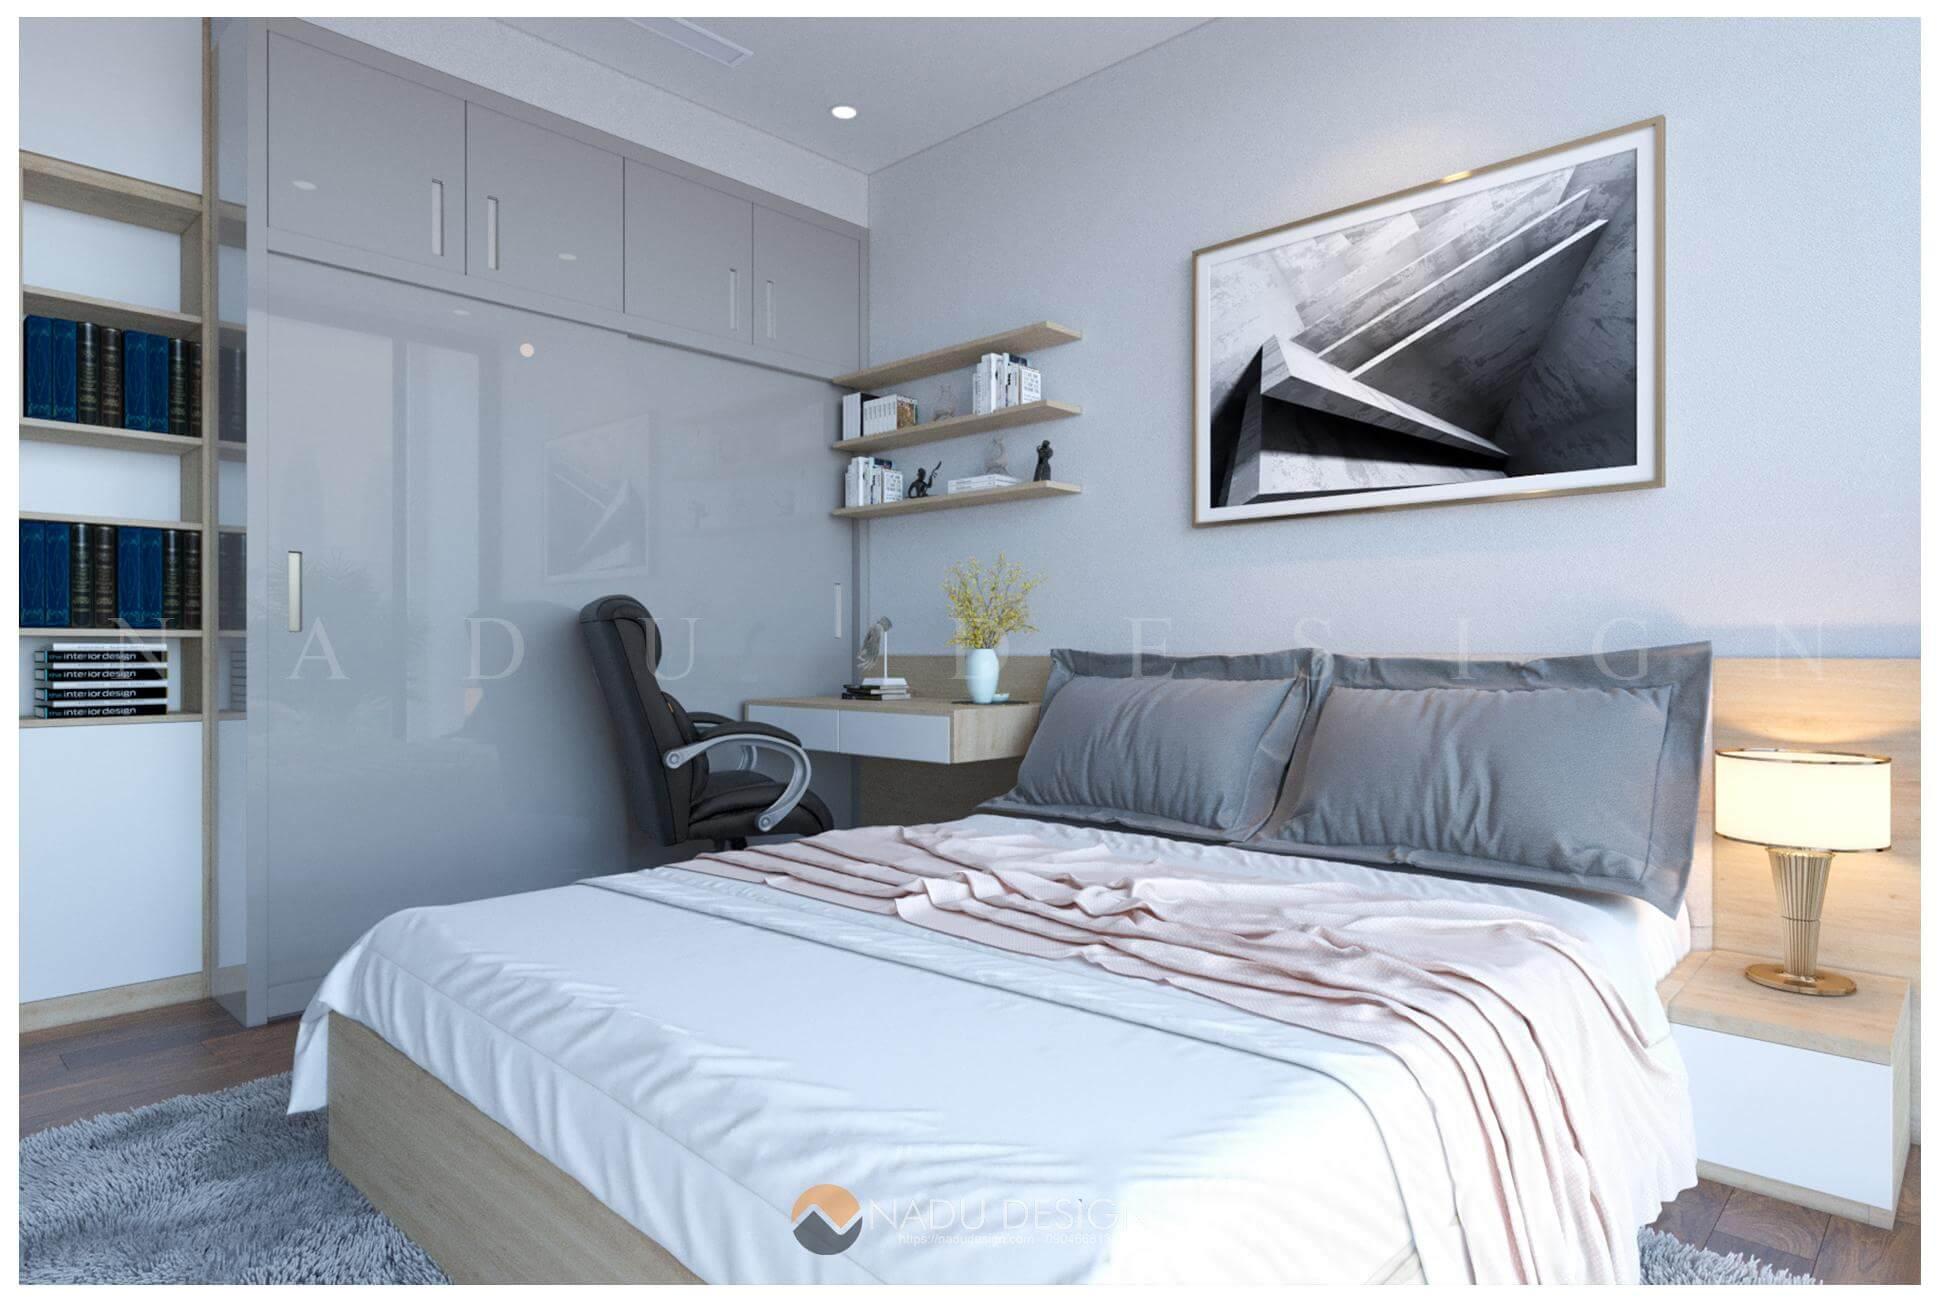 thiết kế nội thất căn hộ Vinhomes West Point nhà chị Huệ phòng ngủ master 6